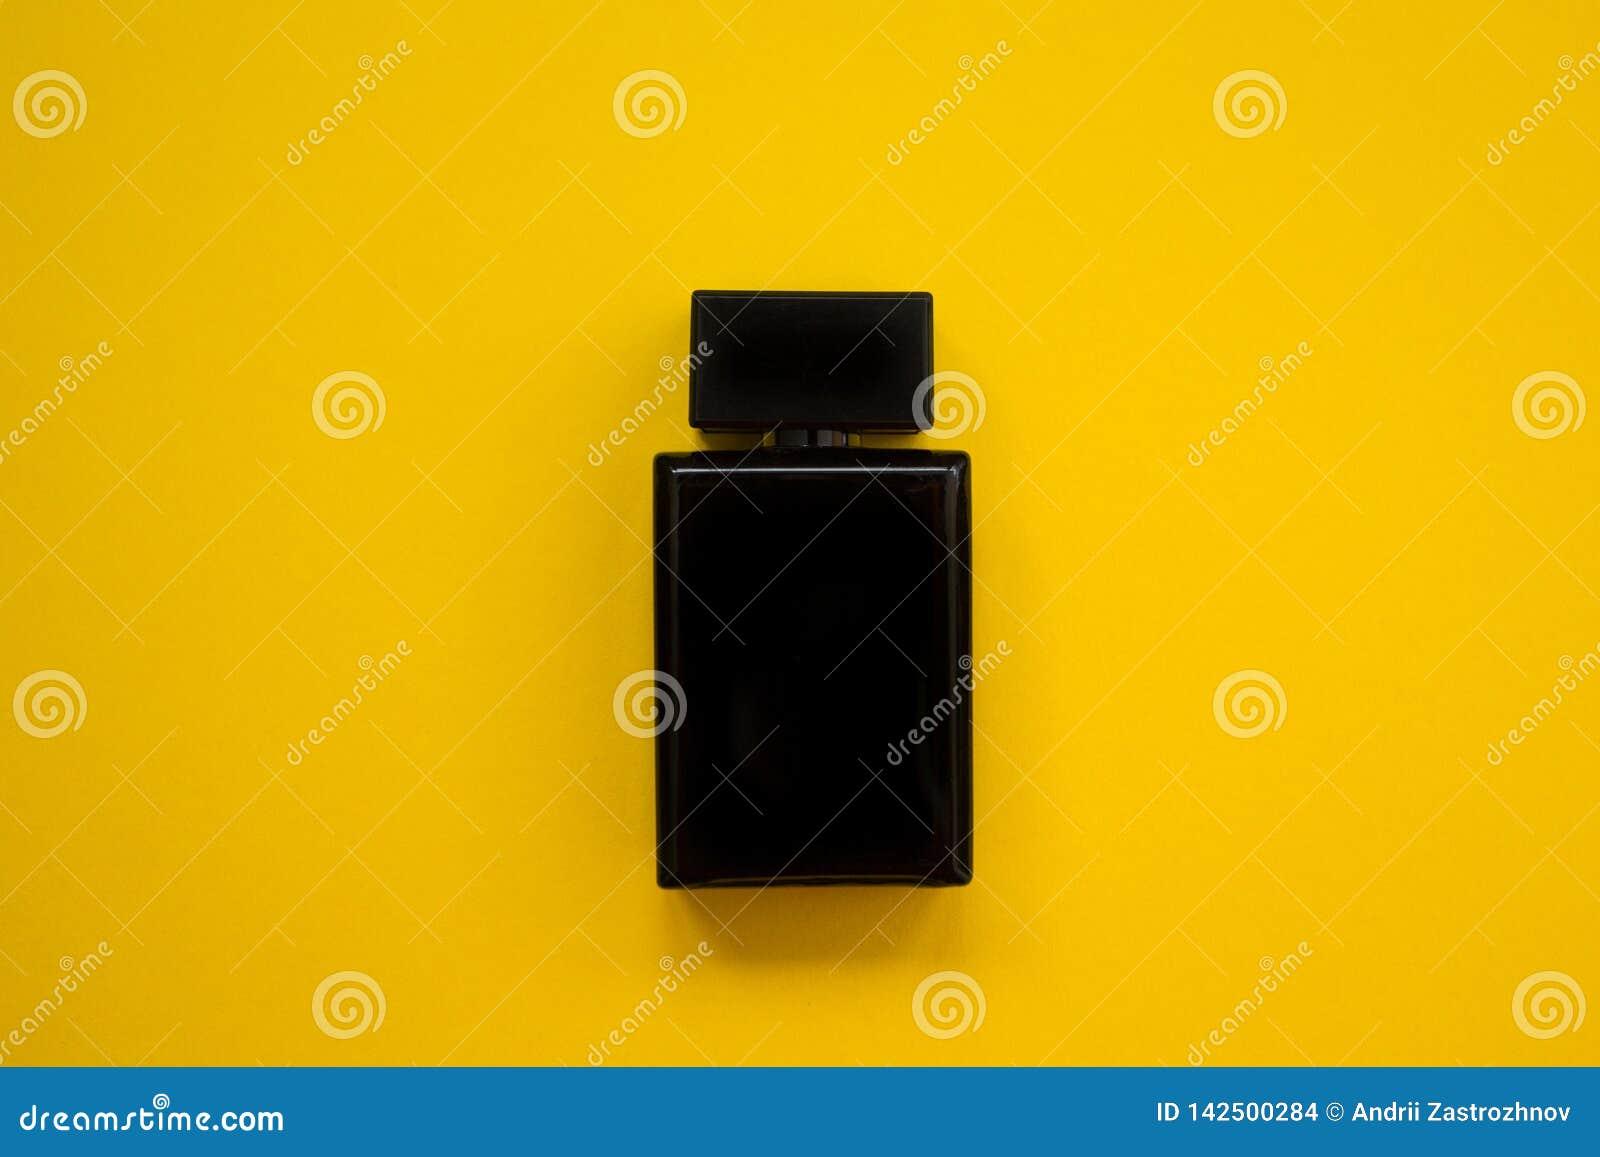 Pachnidło w pięknej czarnej butelce na żółtym tle, płaski wizerunek